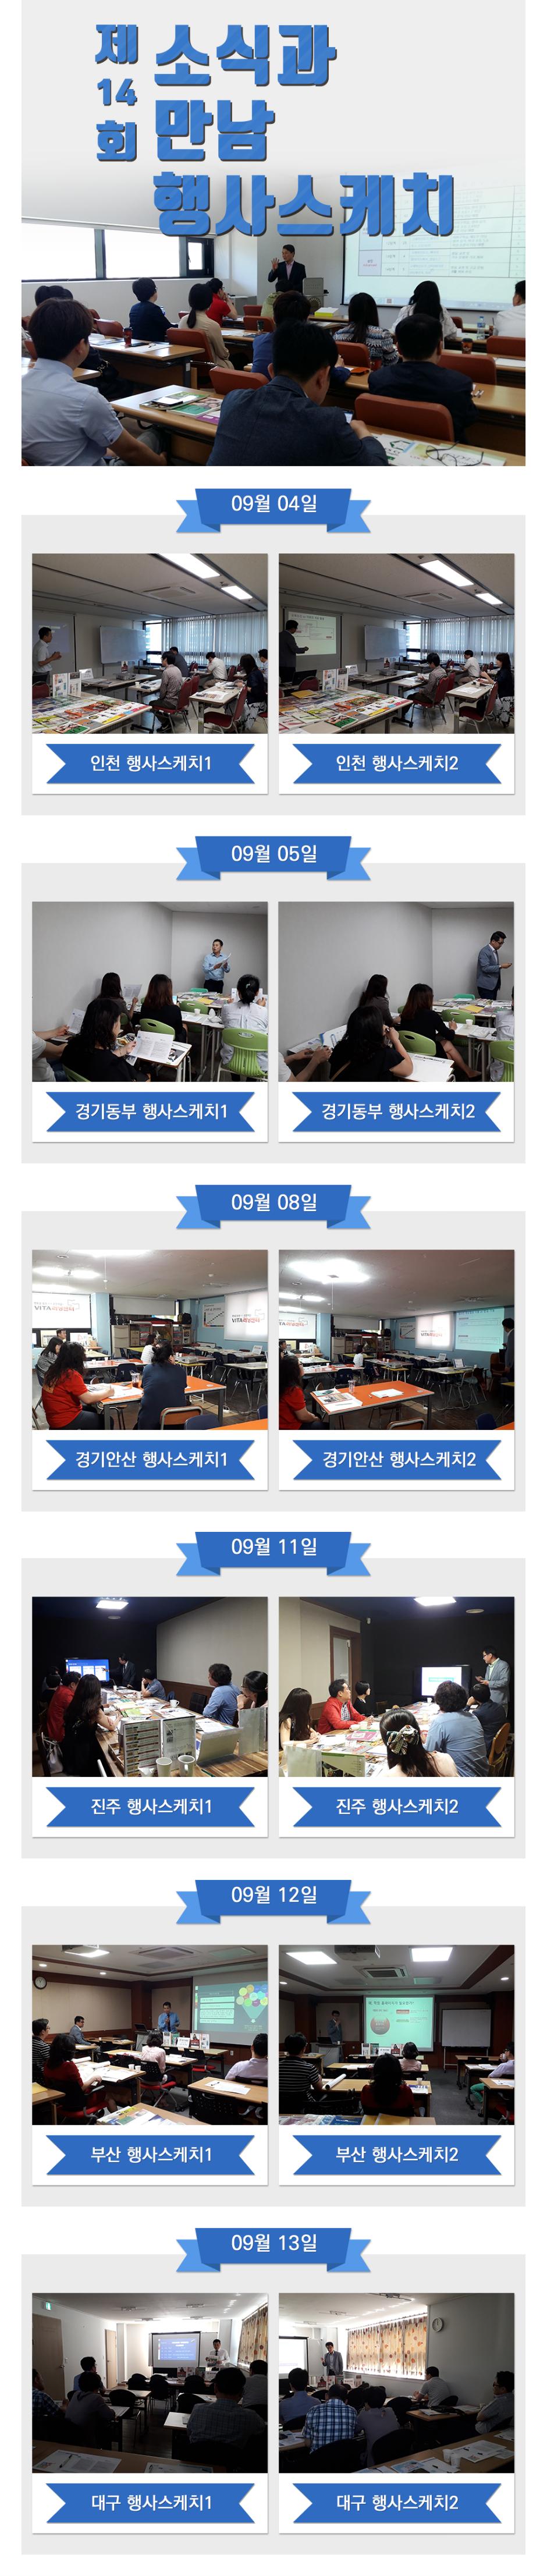 14회_소식과_만남_사진01-1.png